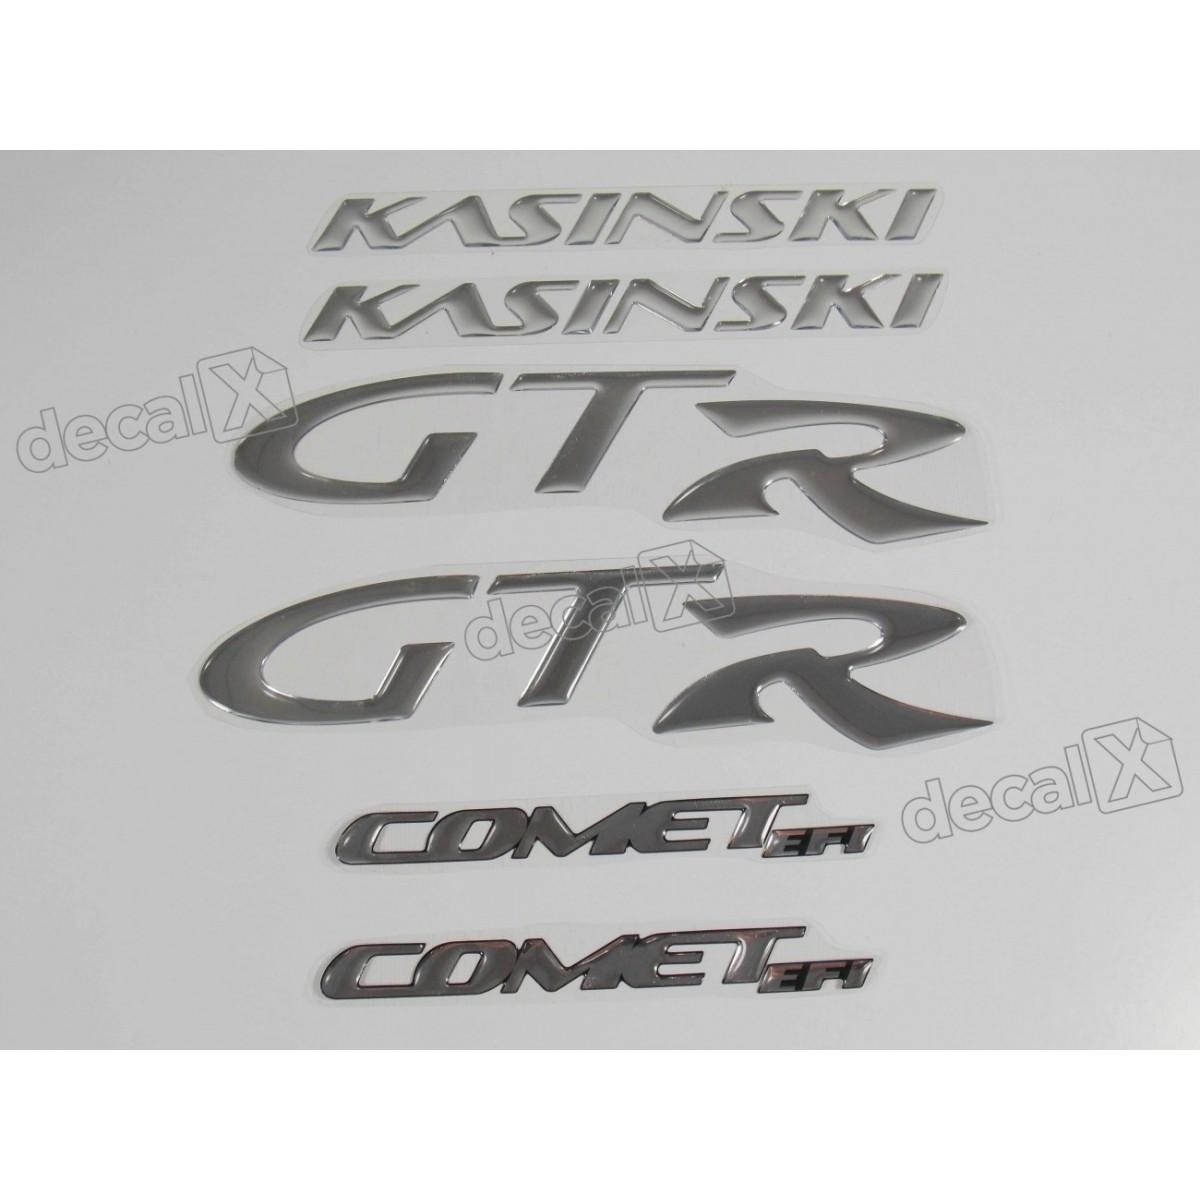 Kit Adesivos Kasinski Comet Gtr Resinado Cromado Rs6 Decalx